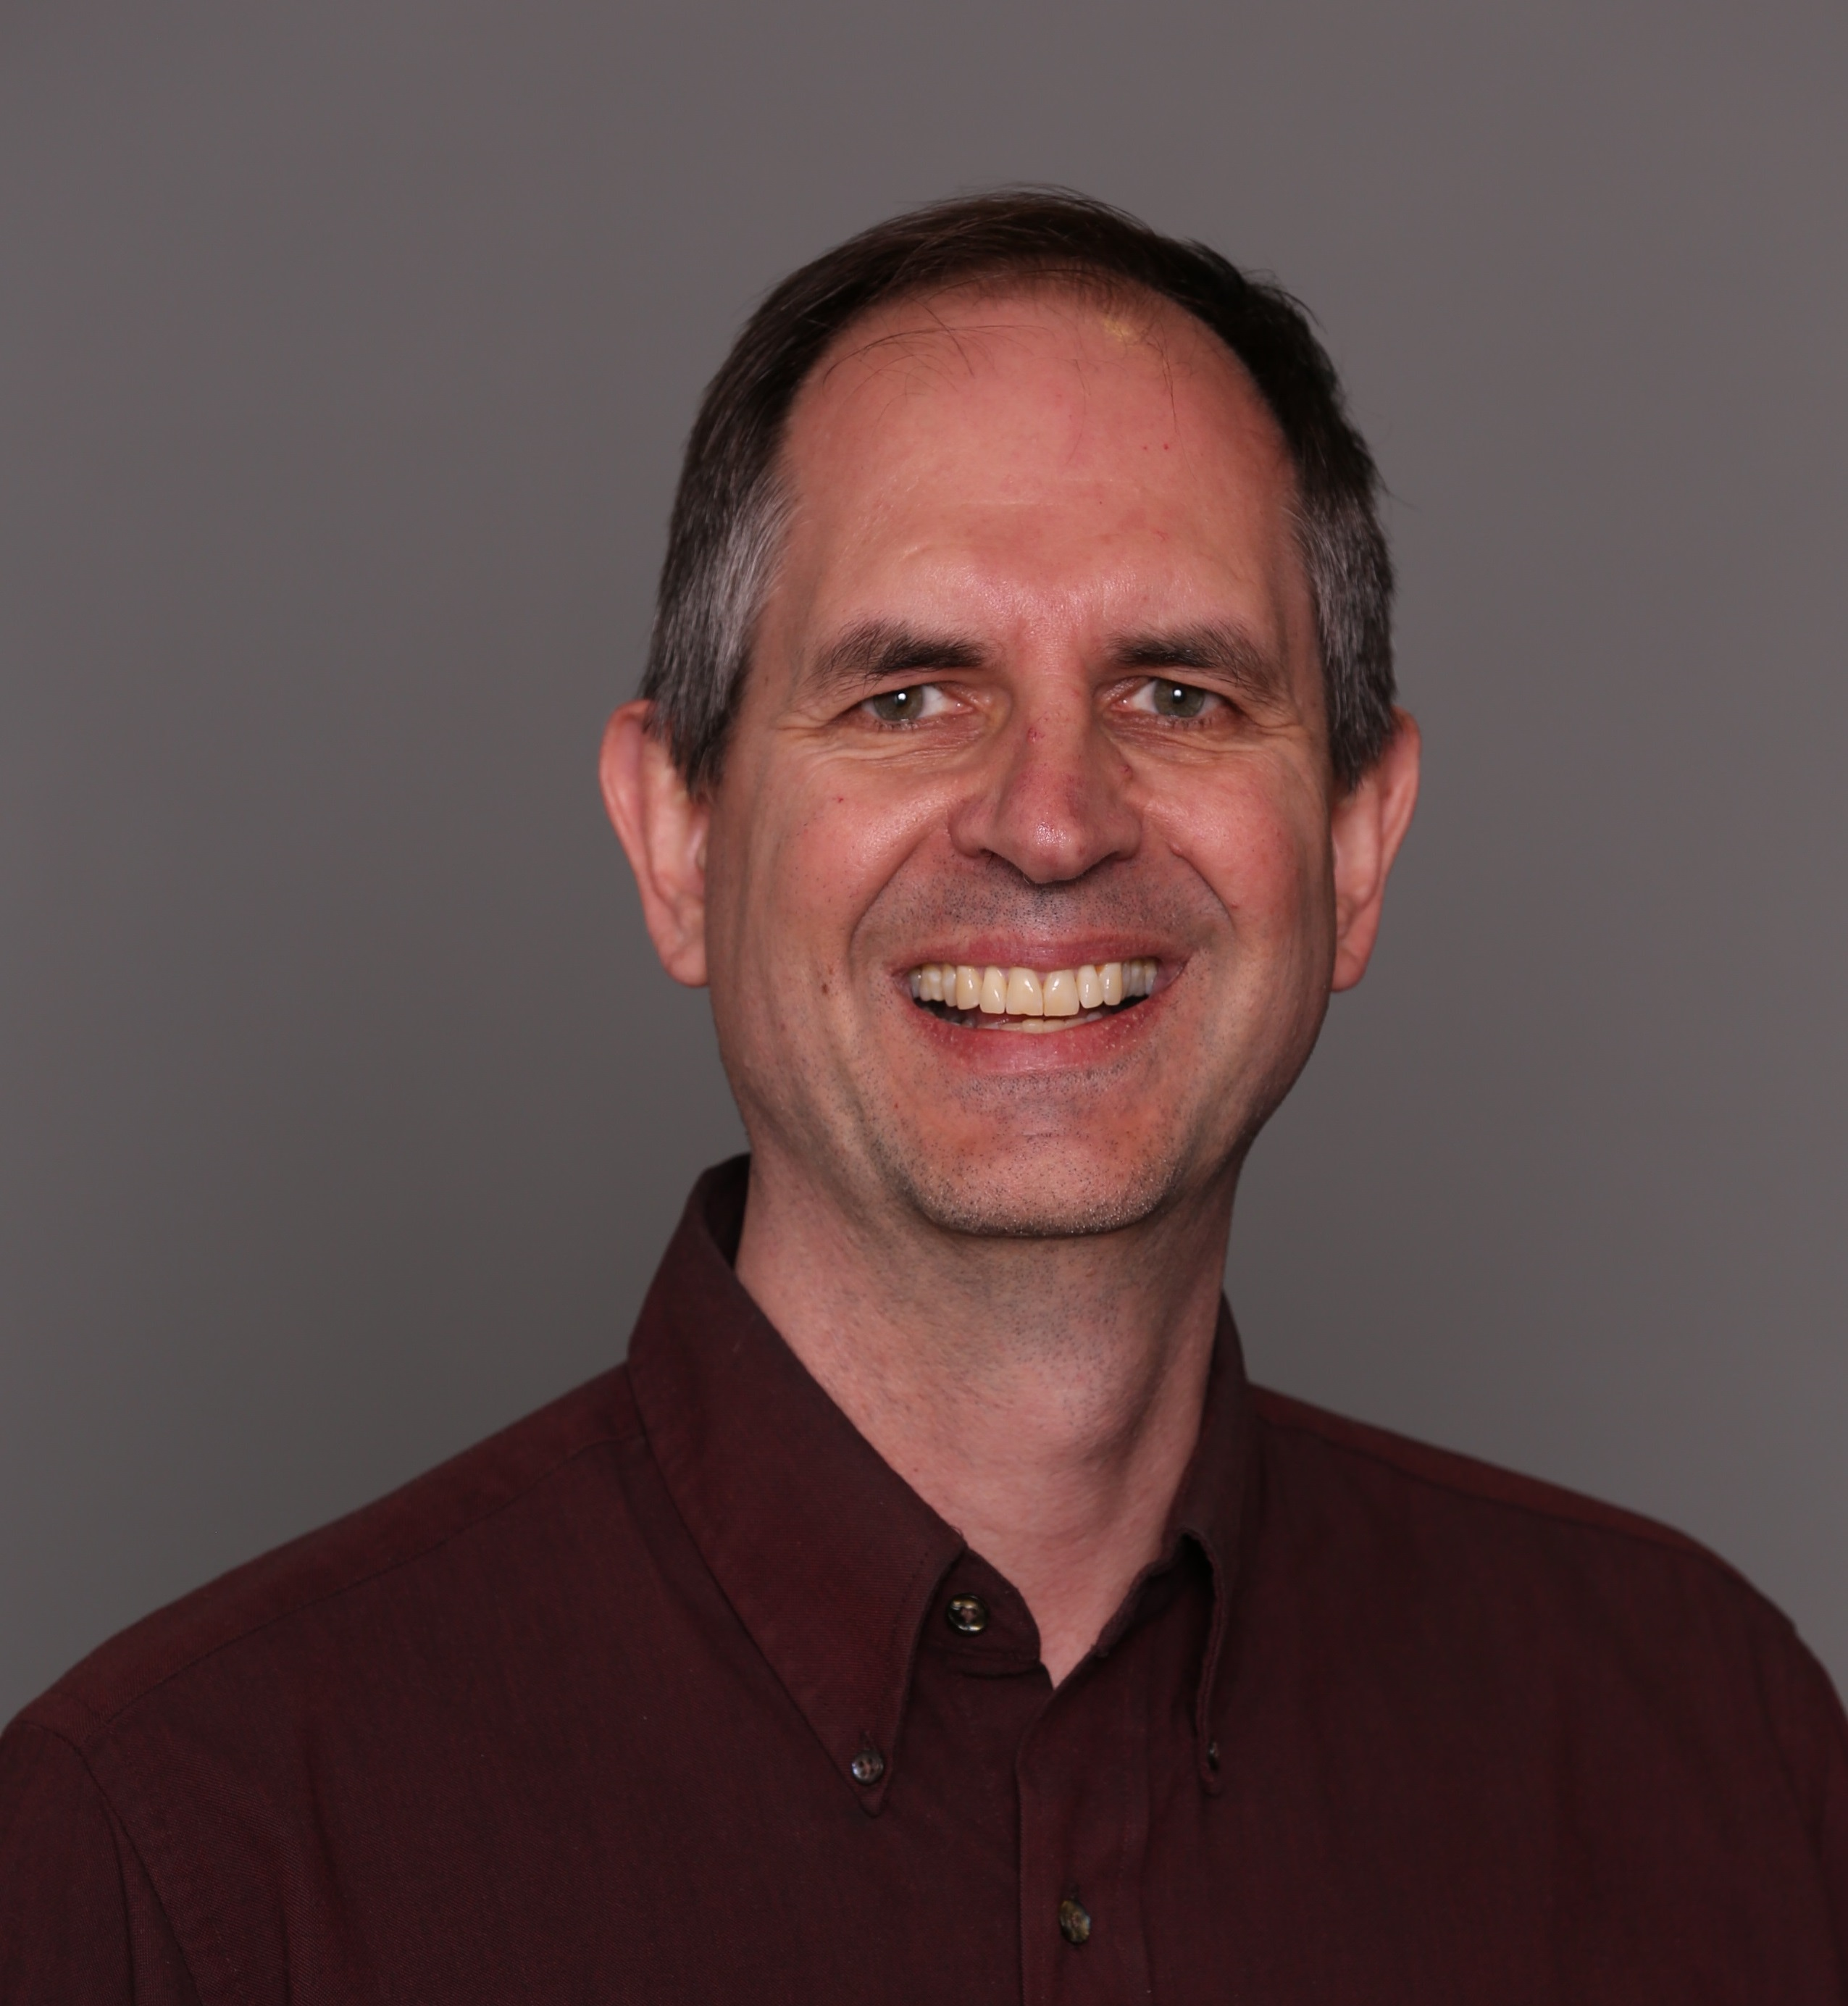 Michael Hulet